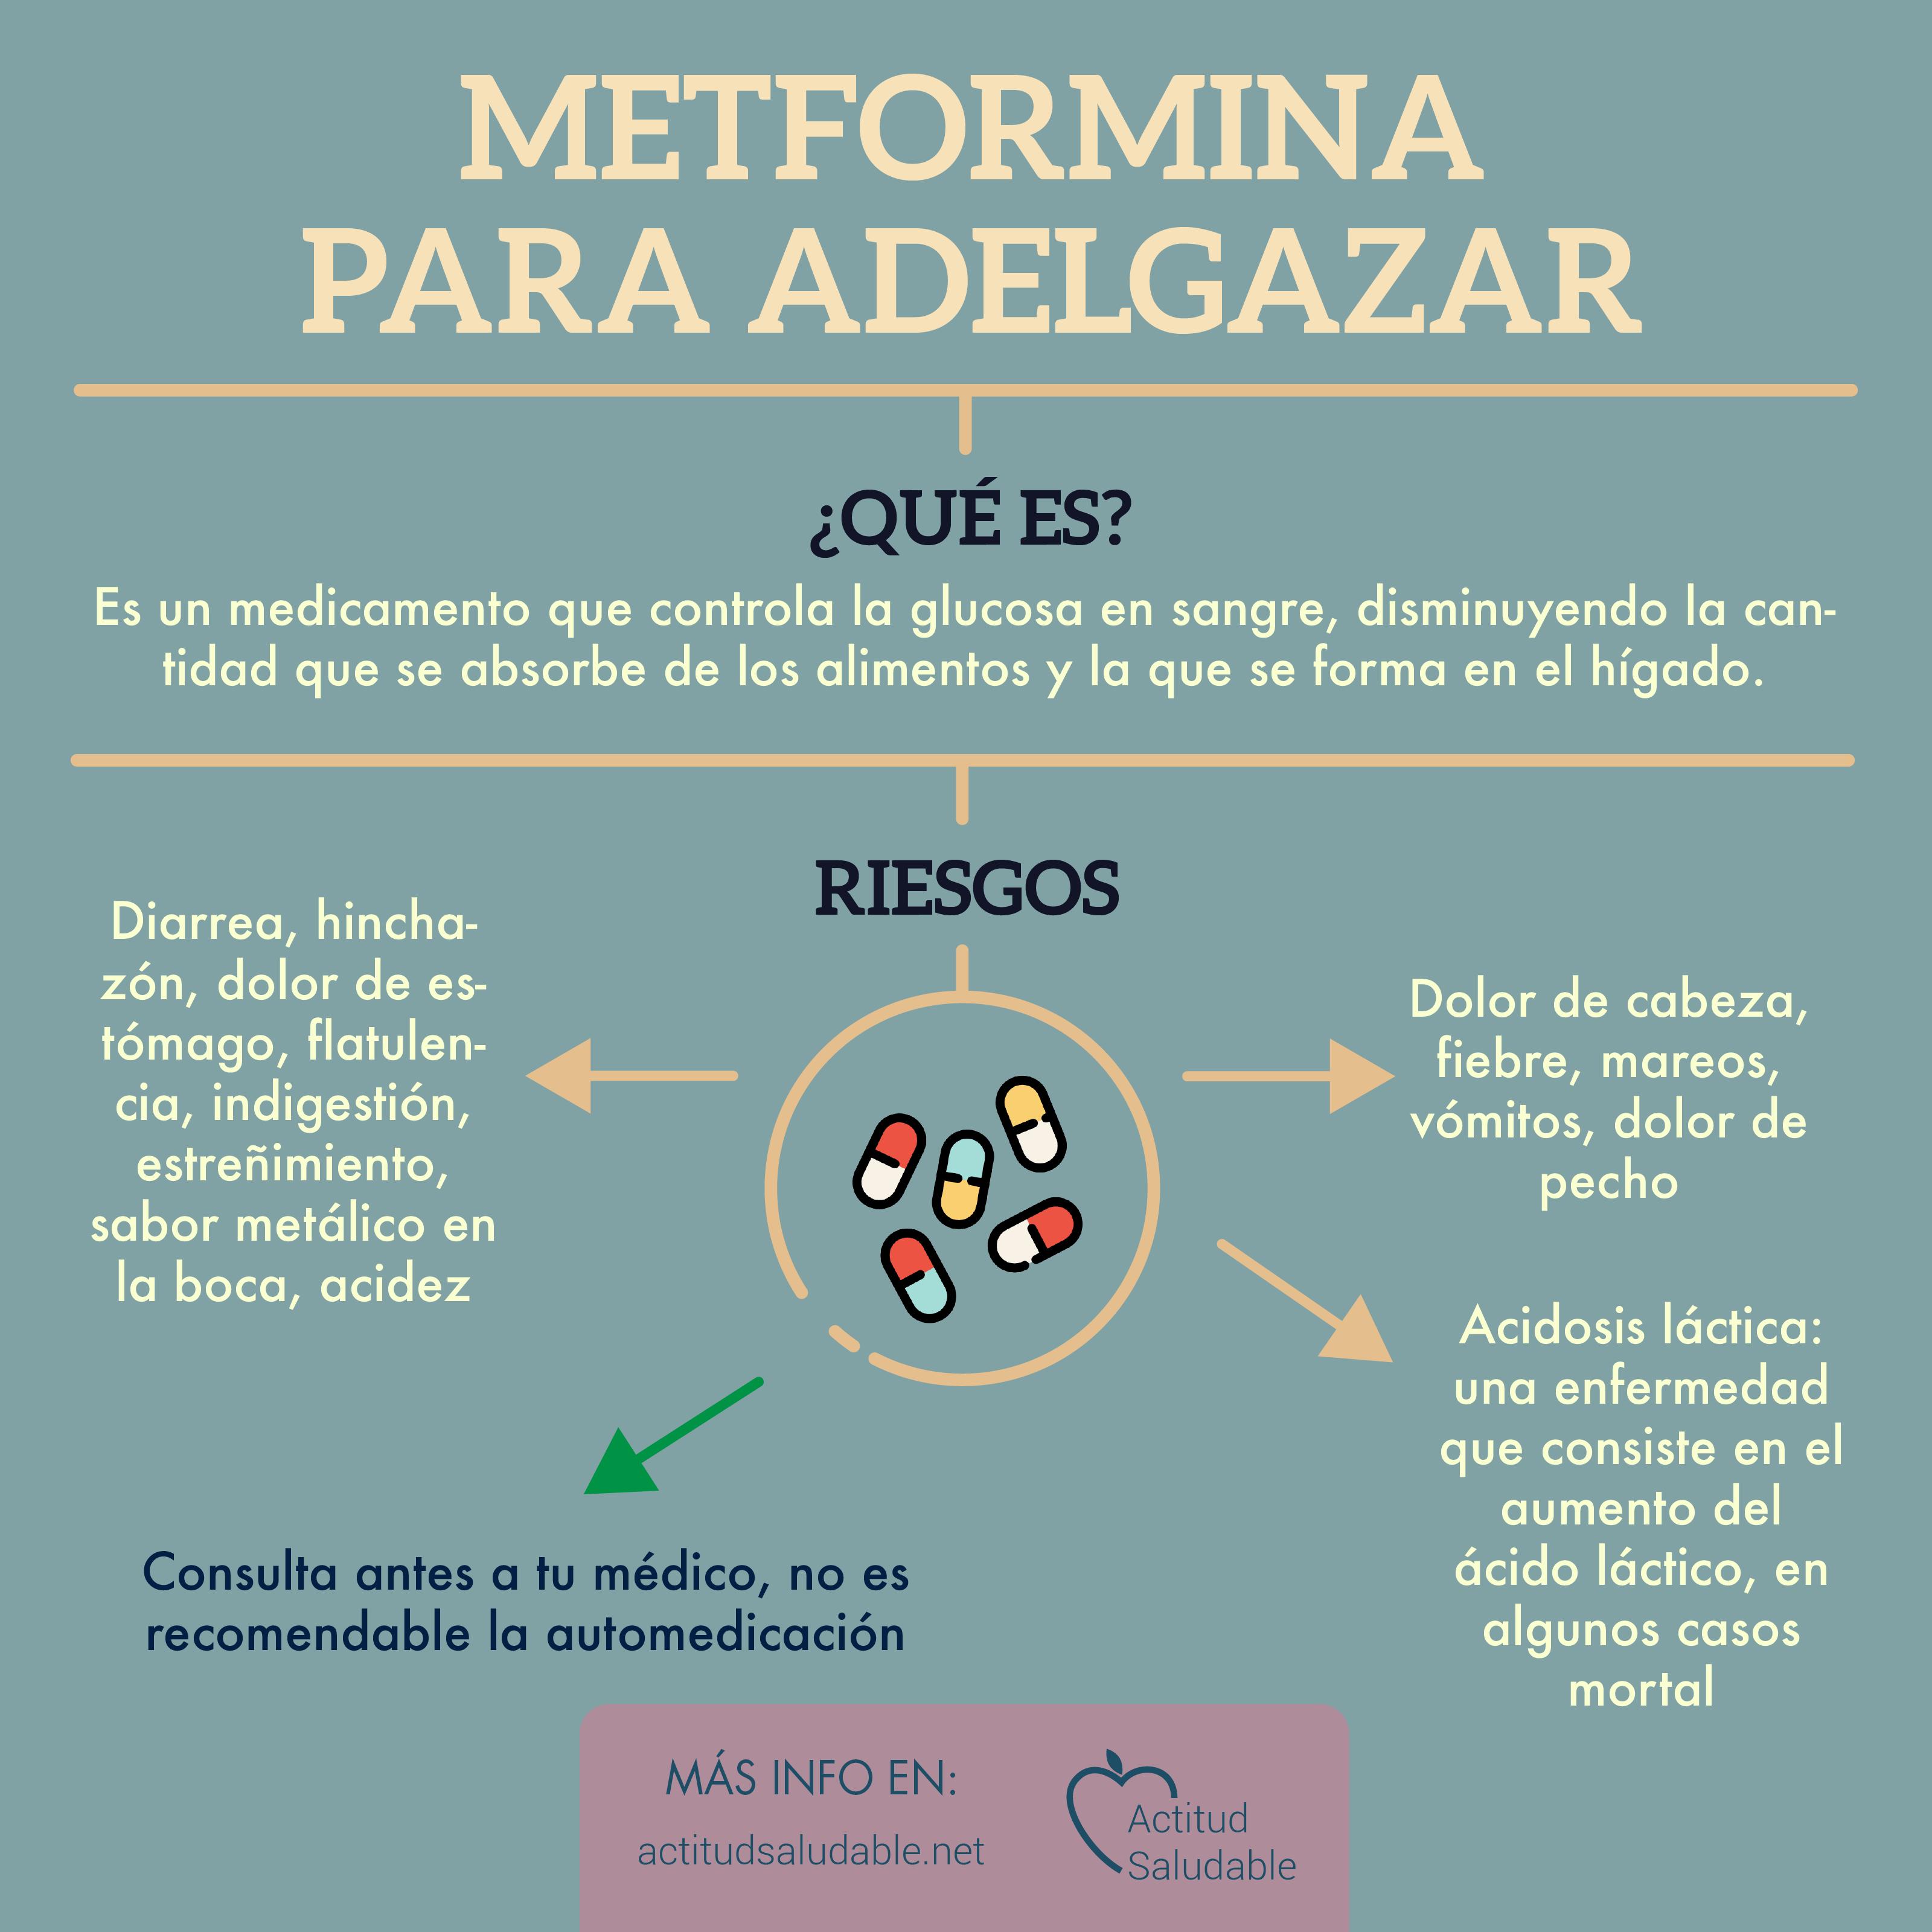 tomar metformina causa disfunción eréctil